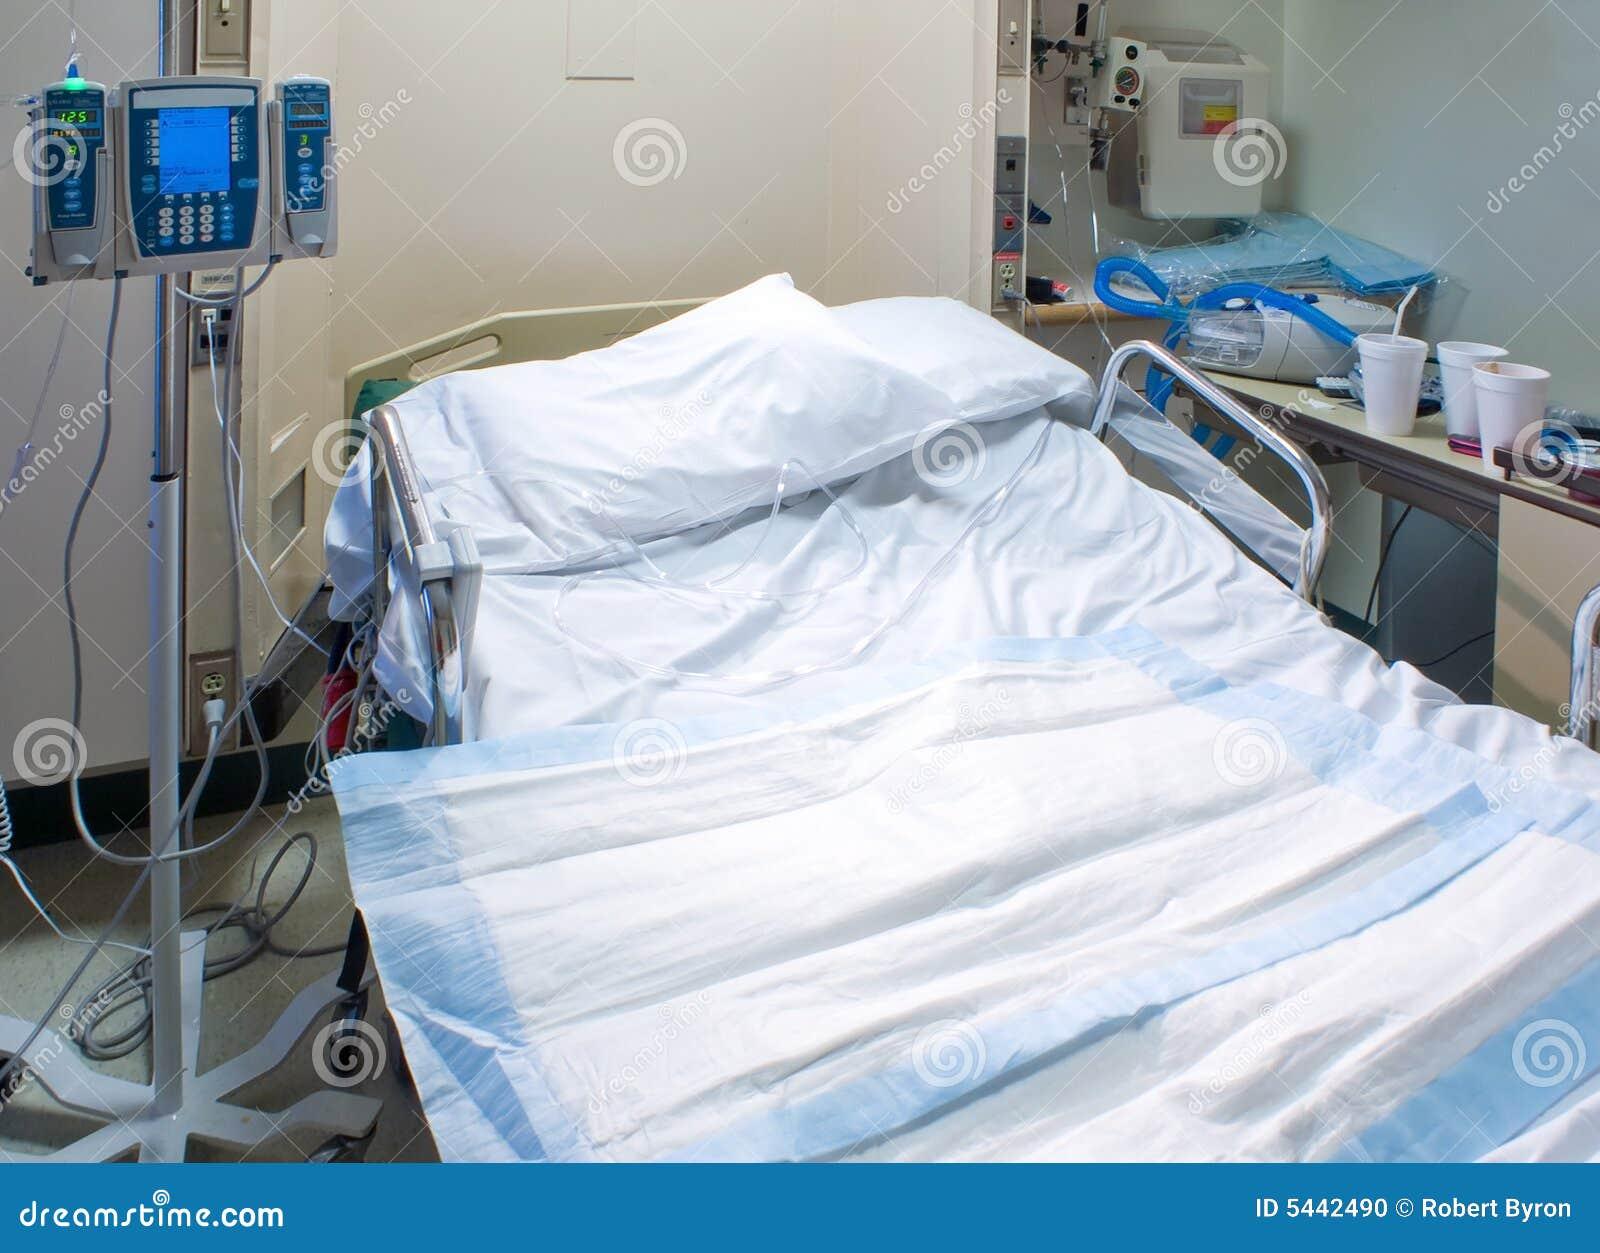 De zaal van het ziekenhuis stock foto afbeelding 5442490 - Versiering van de zaal van het tienermeisje van ...